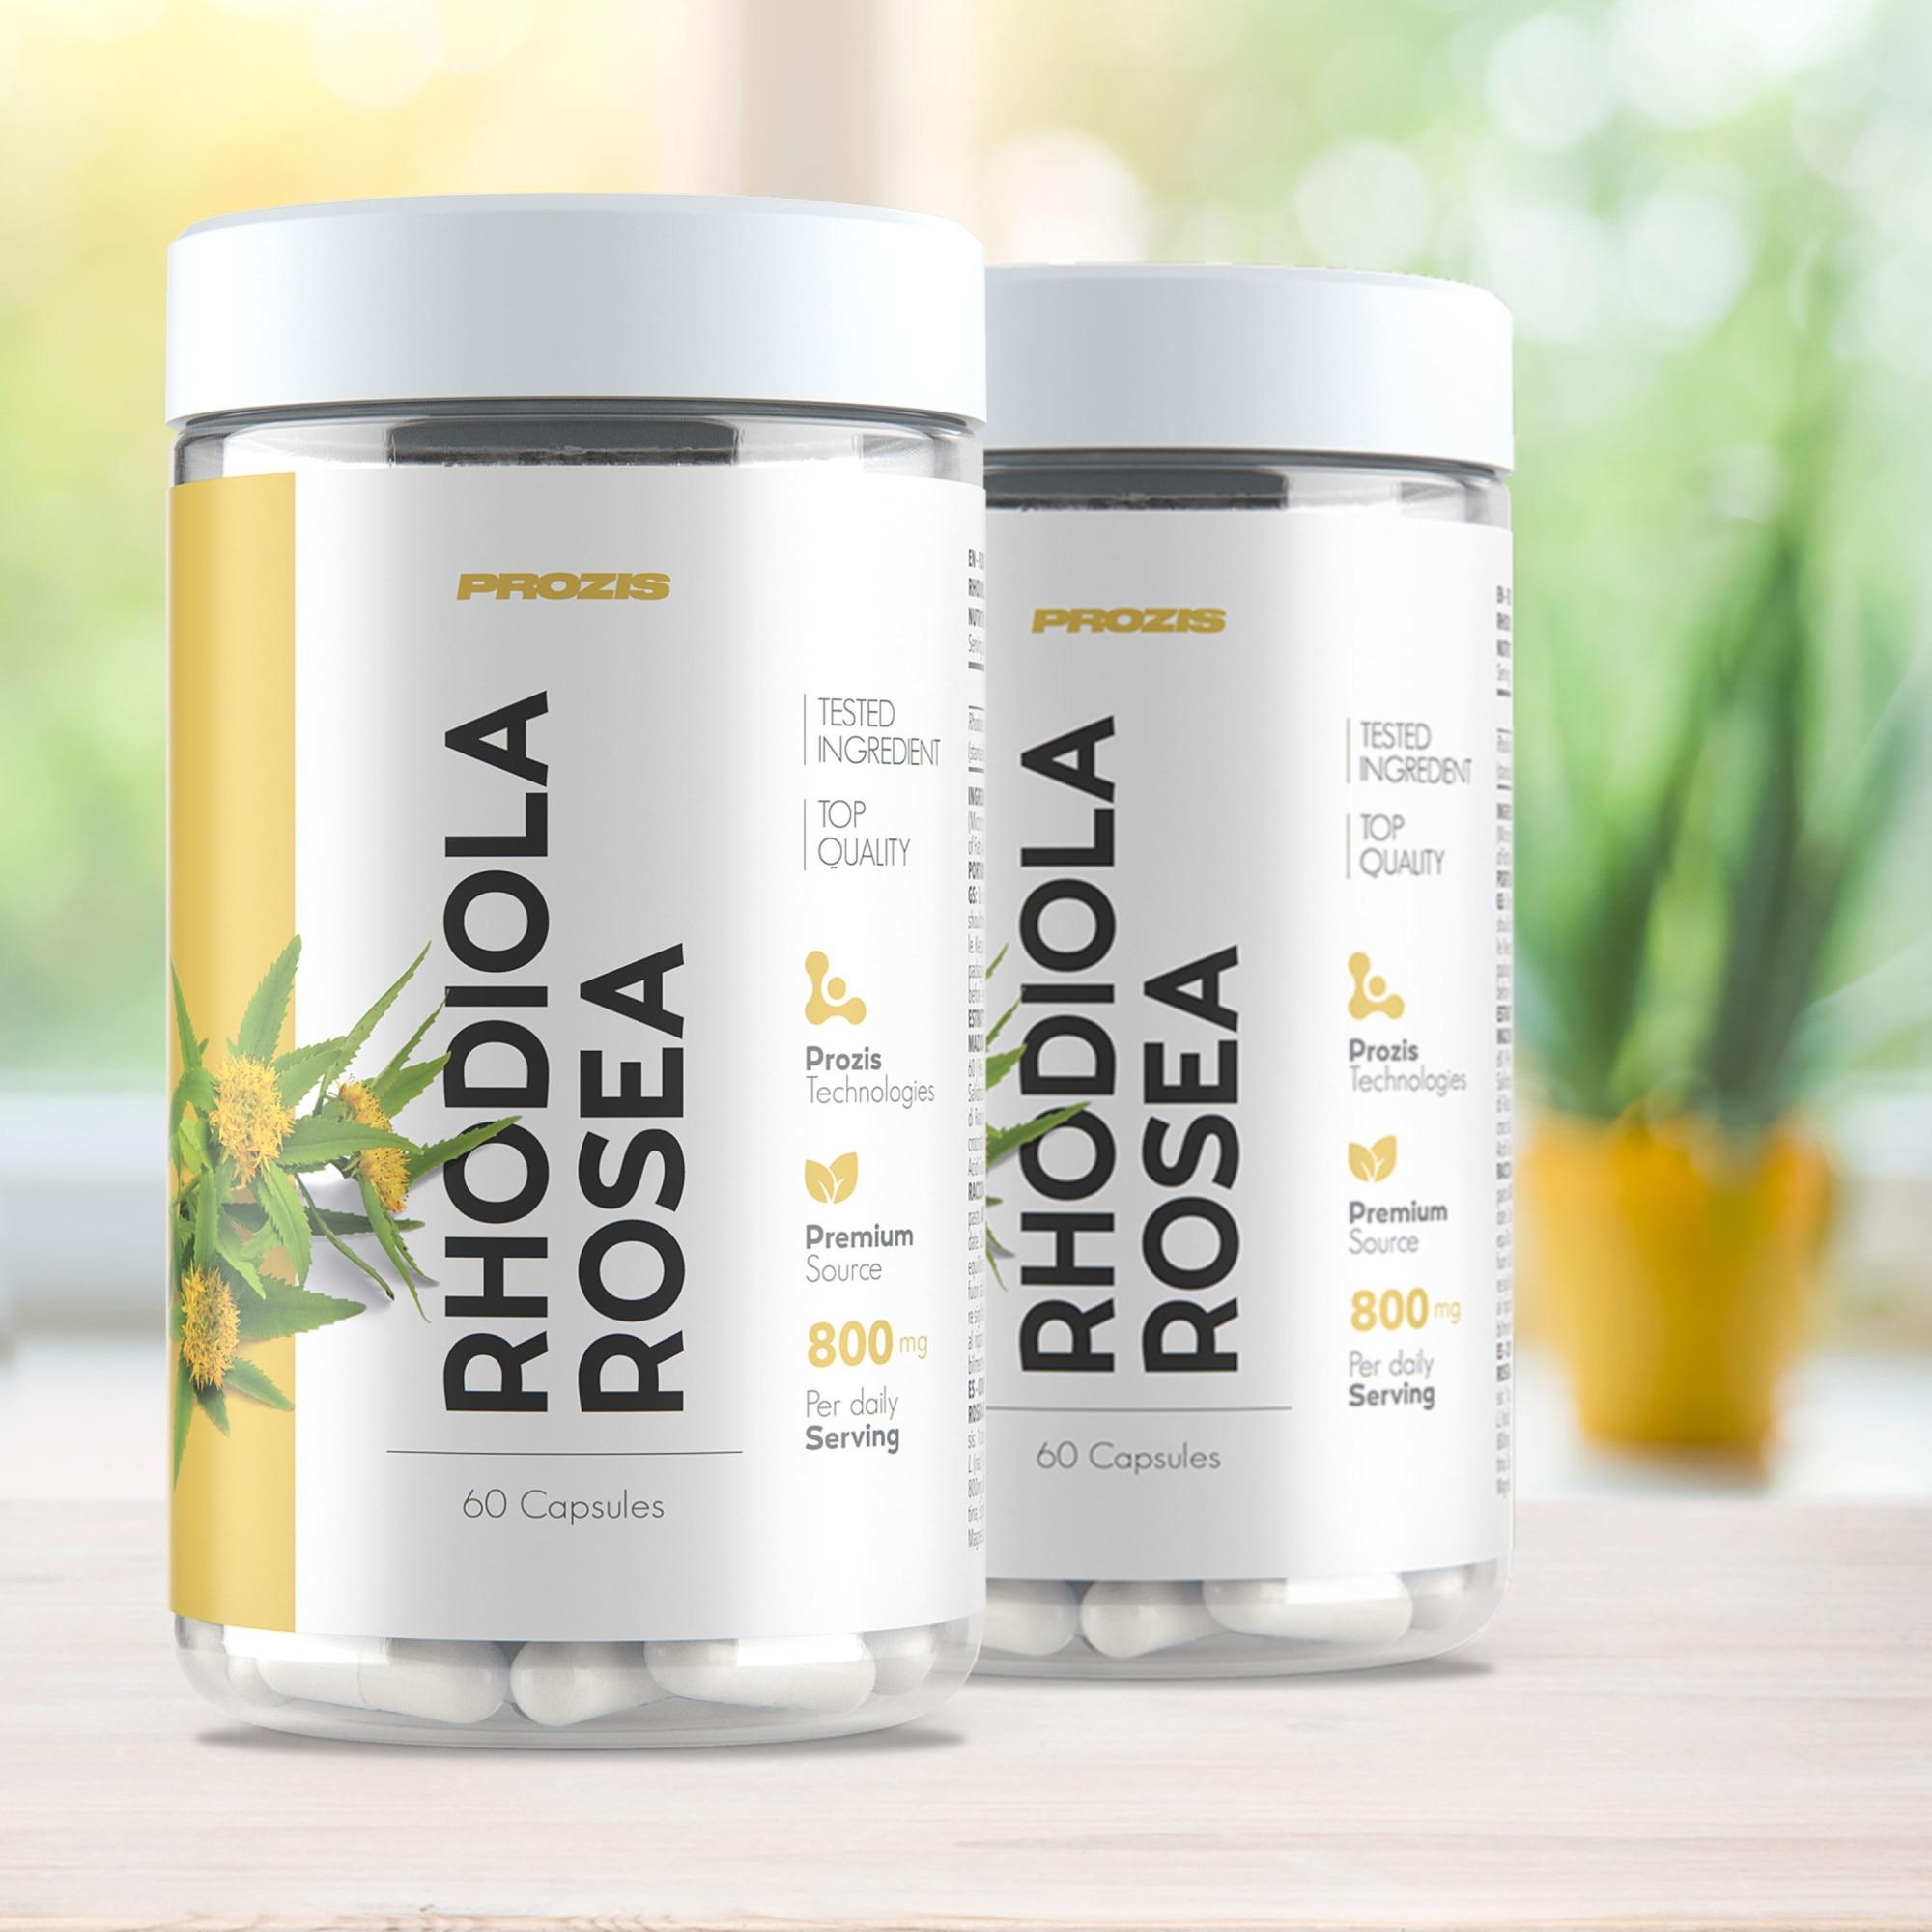 ajută la rhodiola rosea cu pierderea în greutate